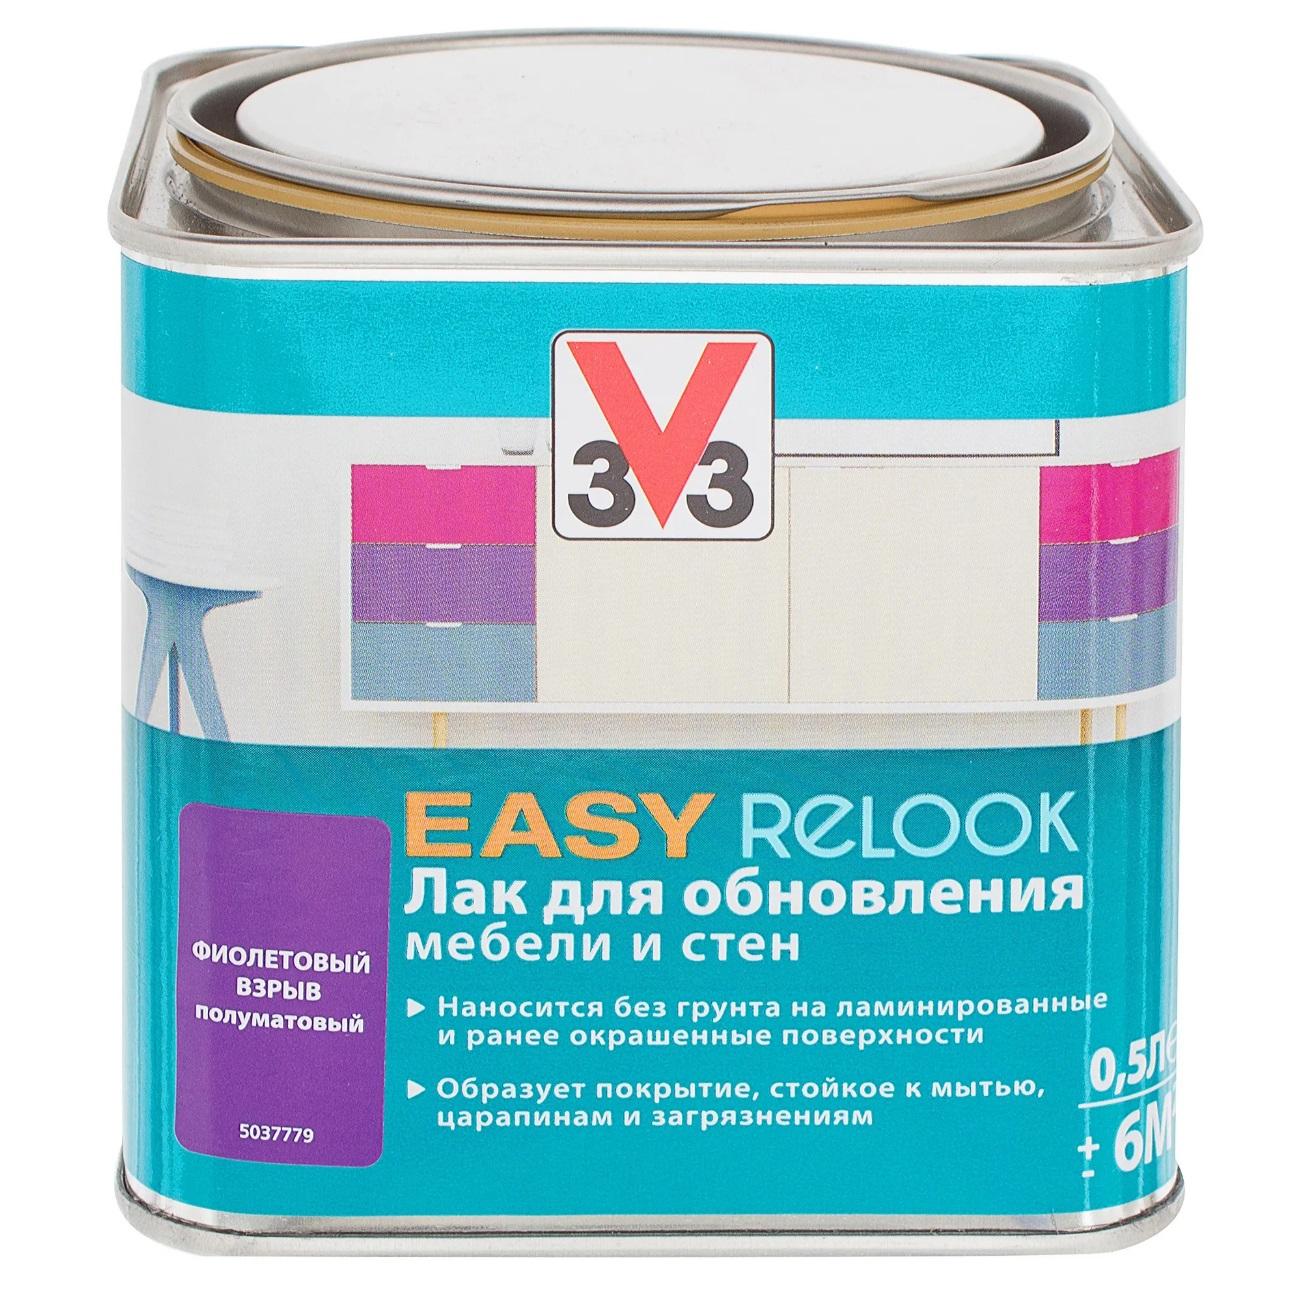 Лак мебельный V33 easy relook фиолетовый 0.5 лак для мебели easy relook v33 полуматовая ангора 0 5л